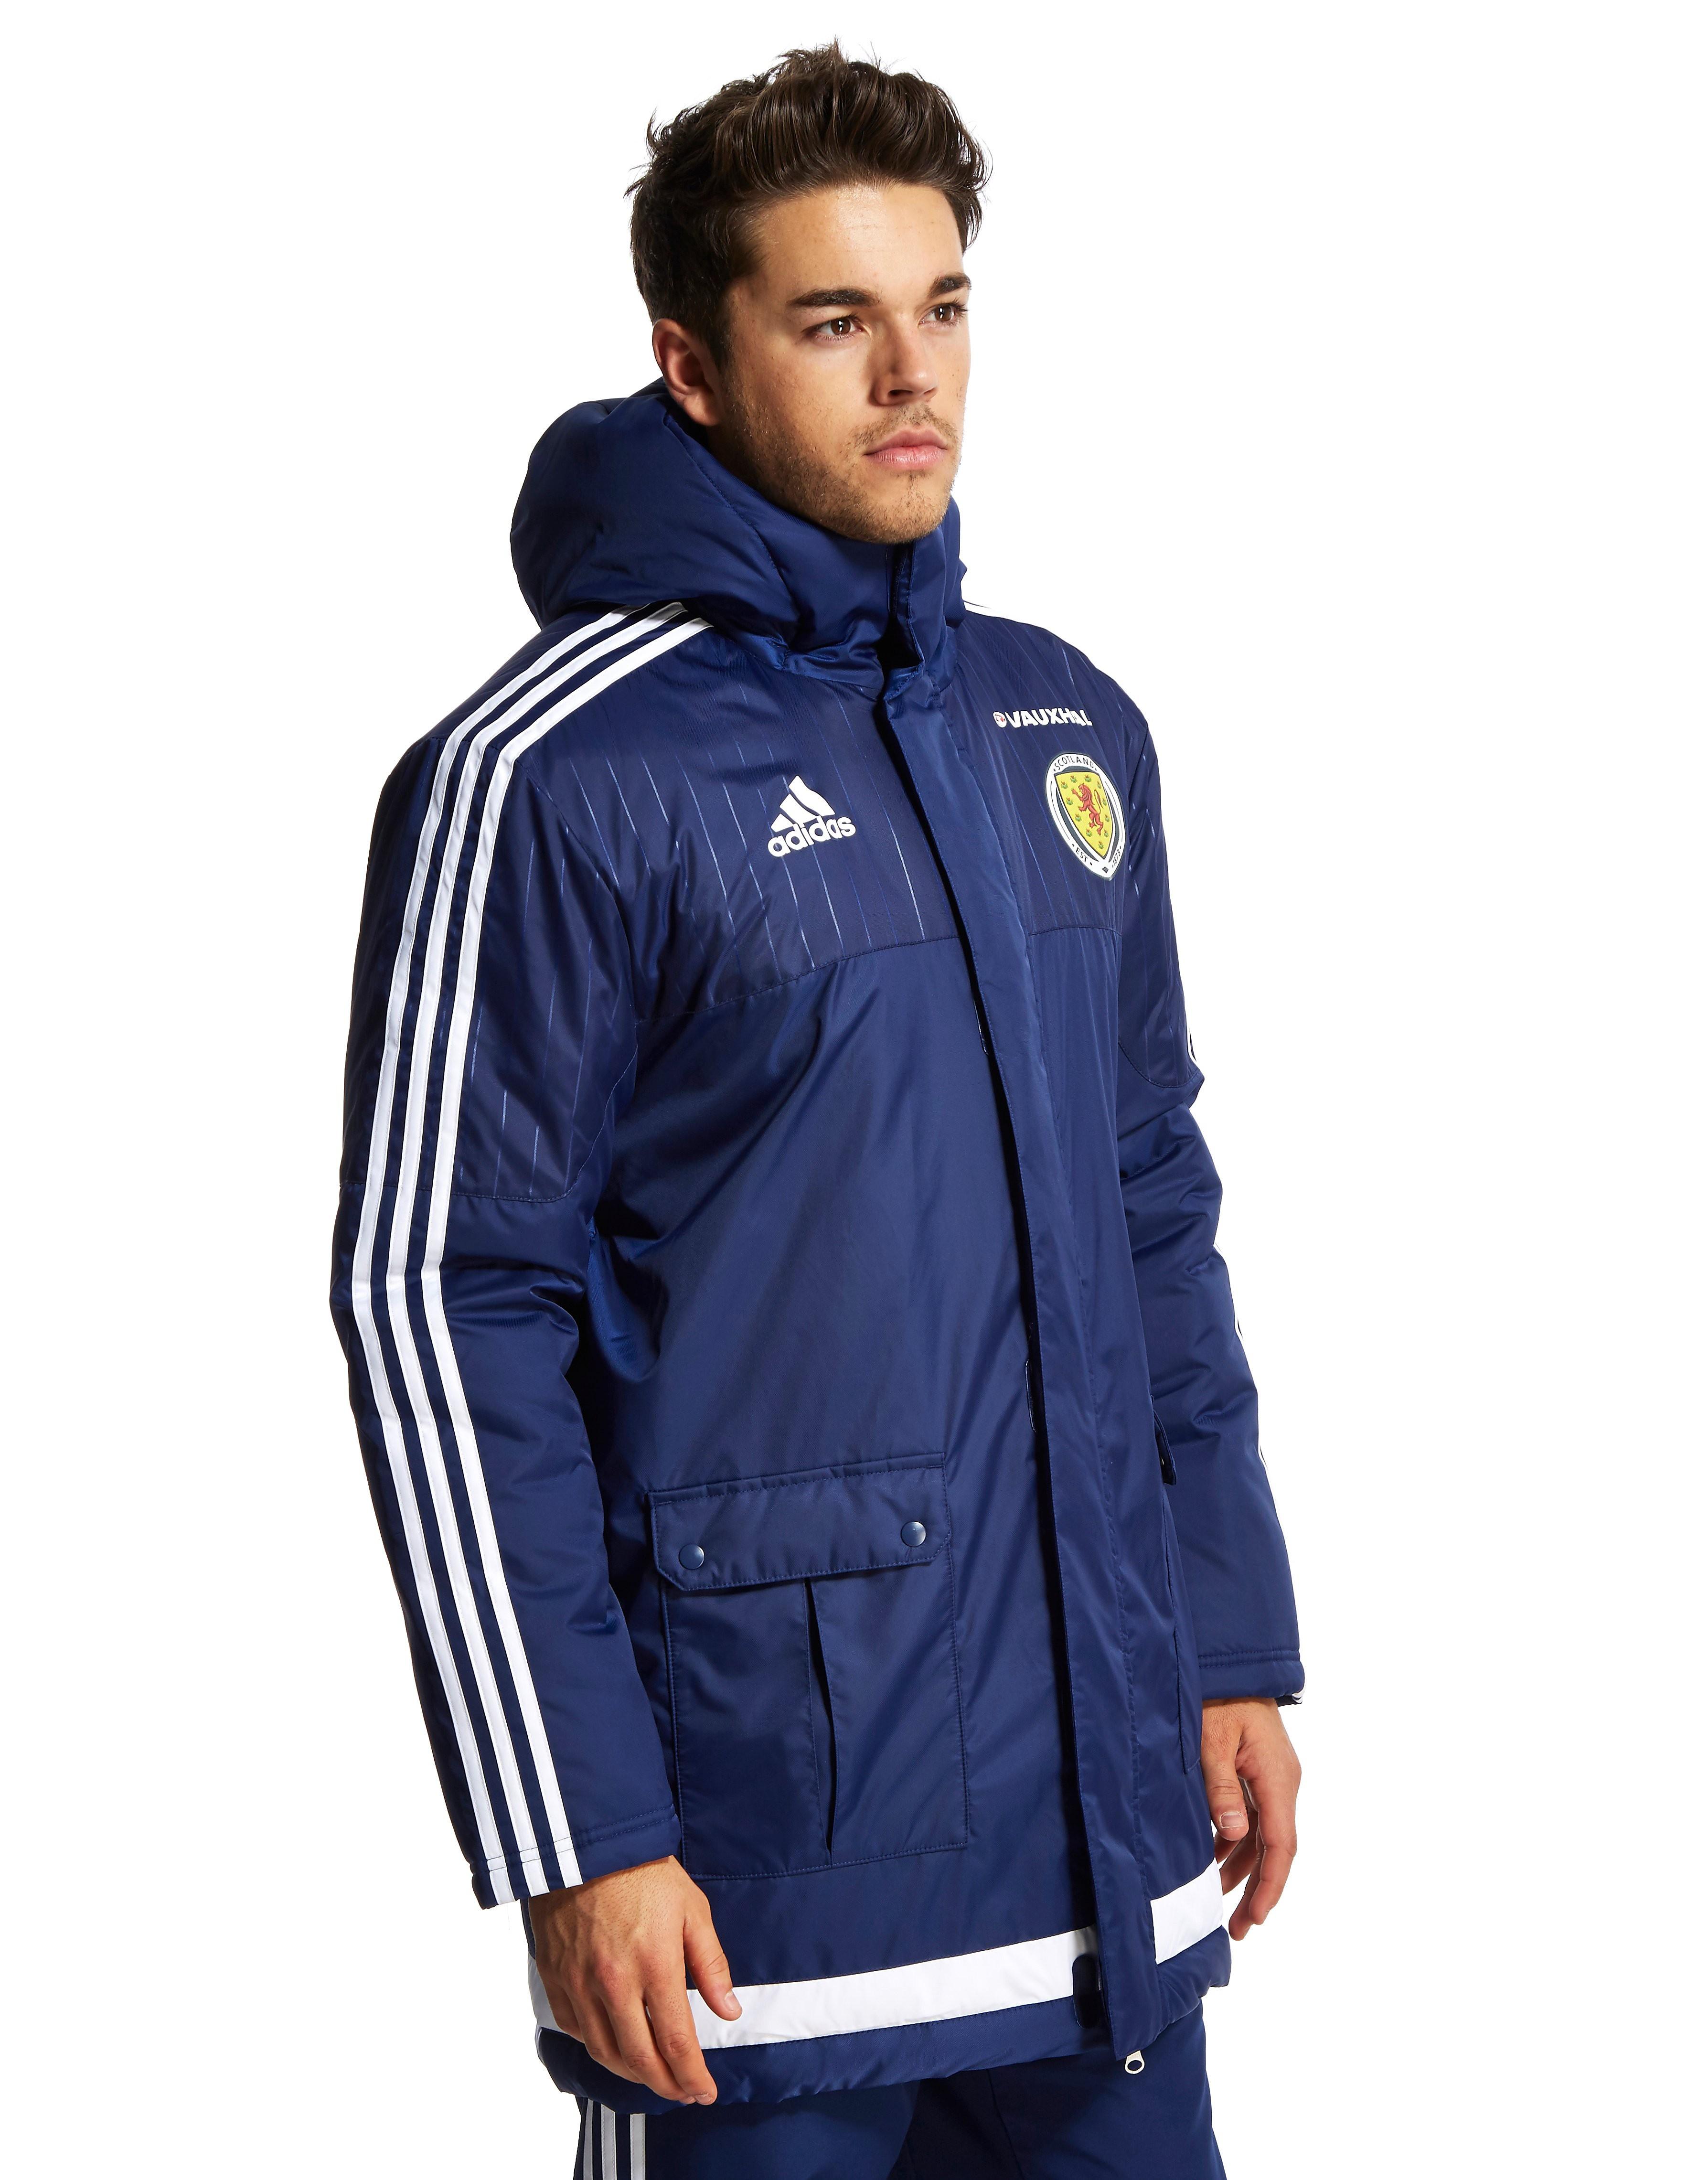 adidas Scotland FA 2015/16 Stadium Jacket